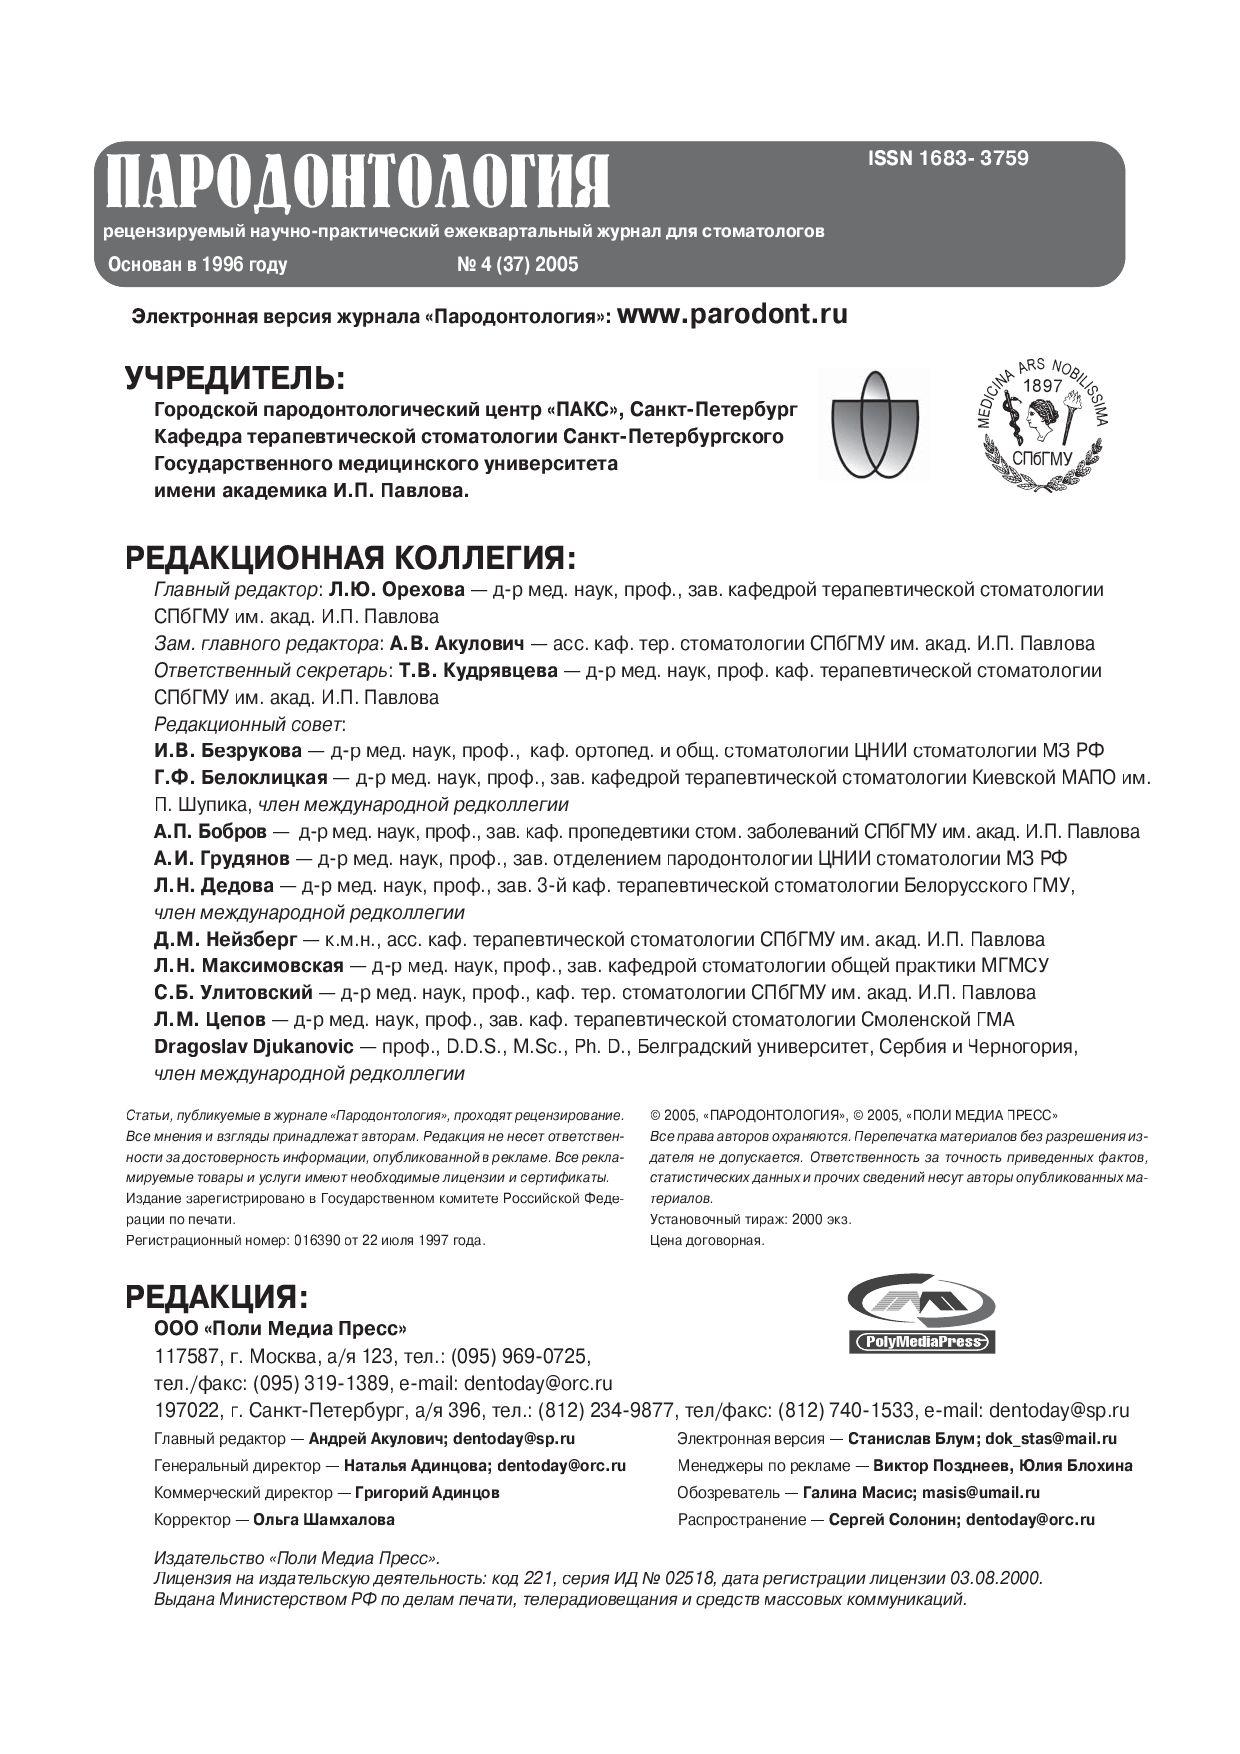 схема лечения сангвиритрином в стоматологии